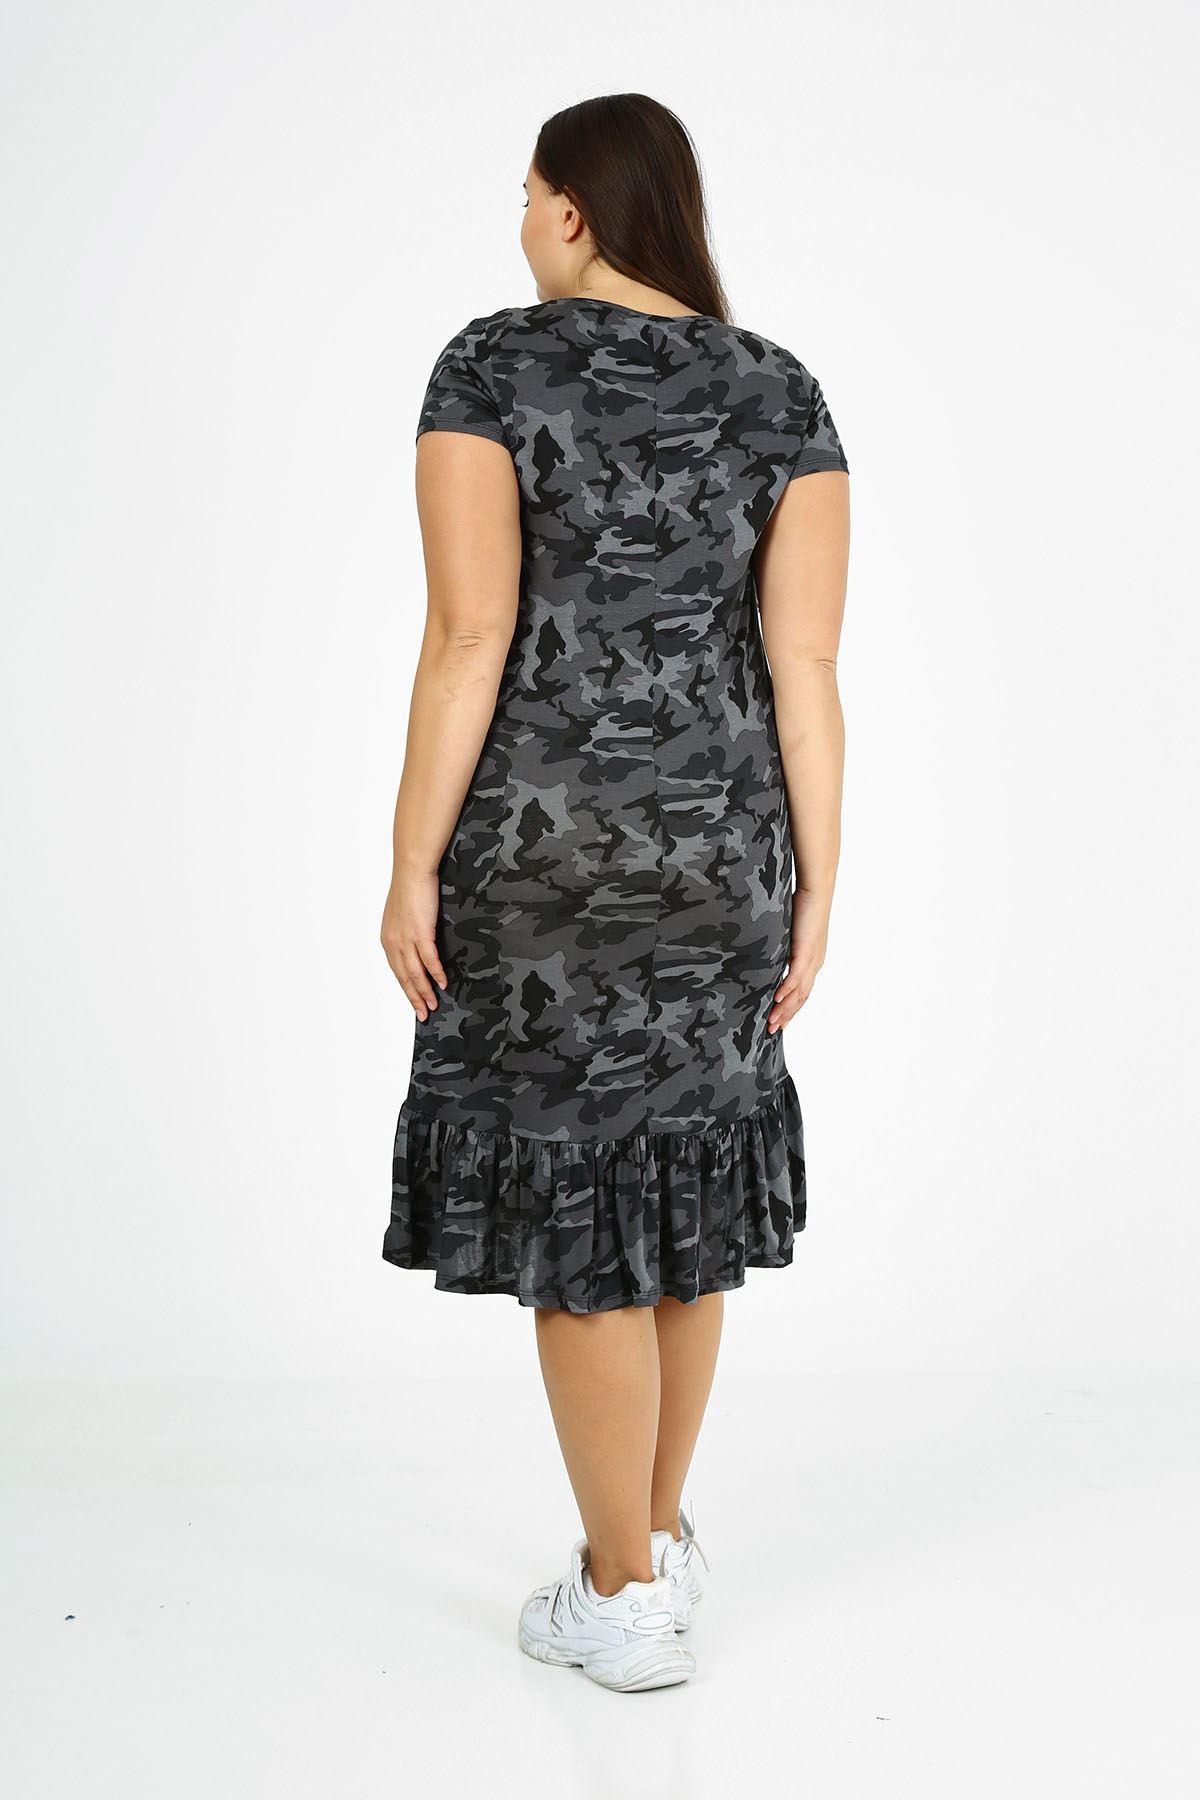 Kamuflaj Desen Eteği Fırfırlı Büyük Beden Elbise 24C-1771